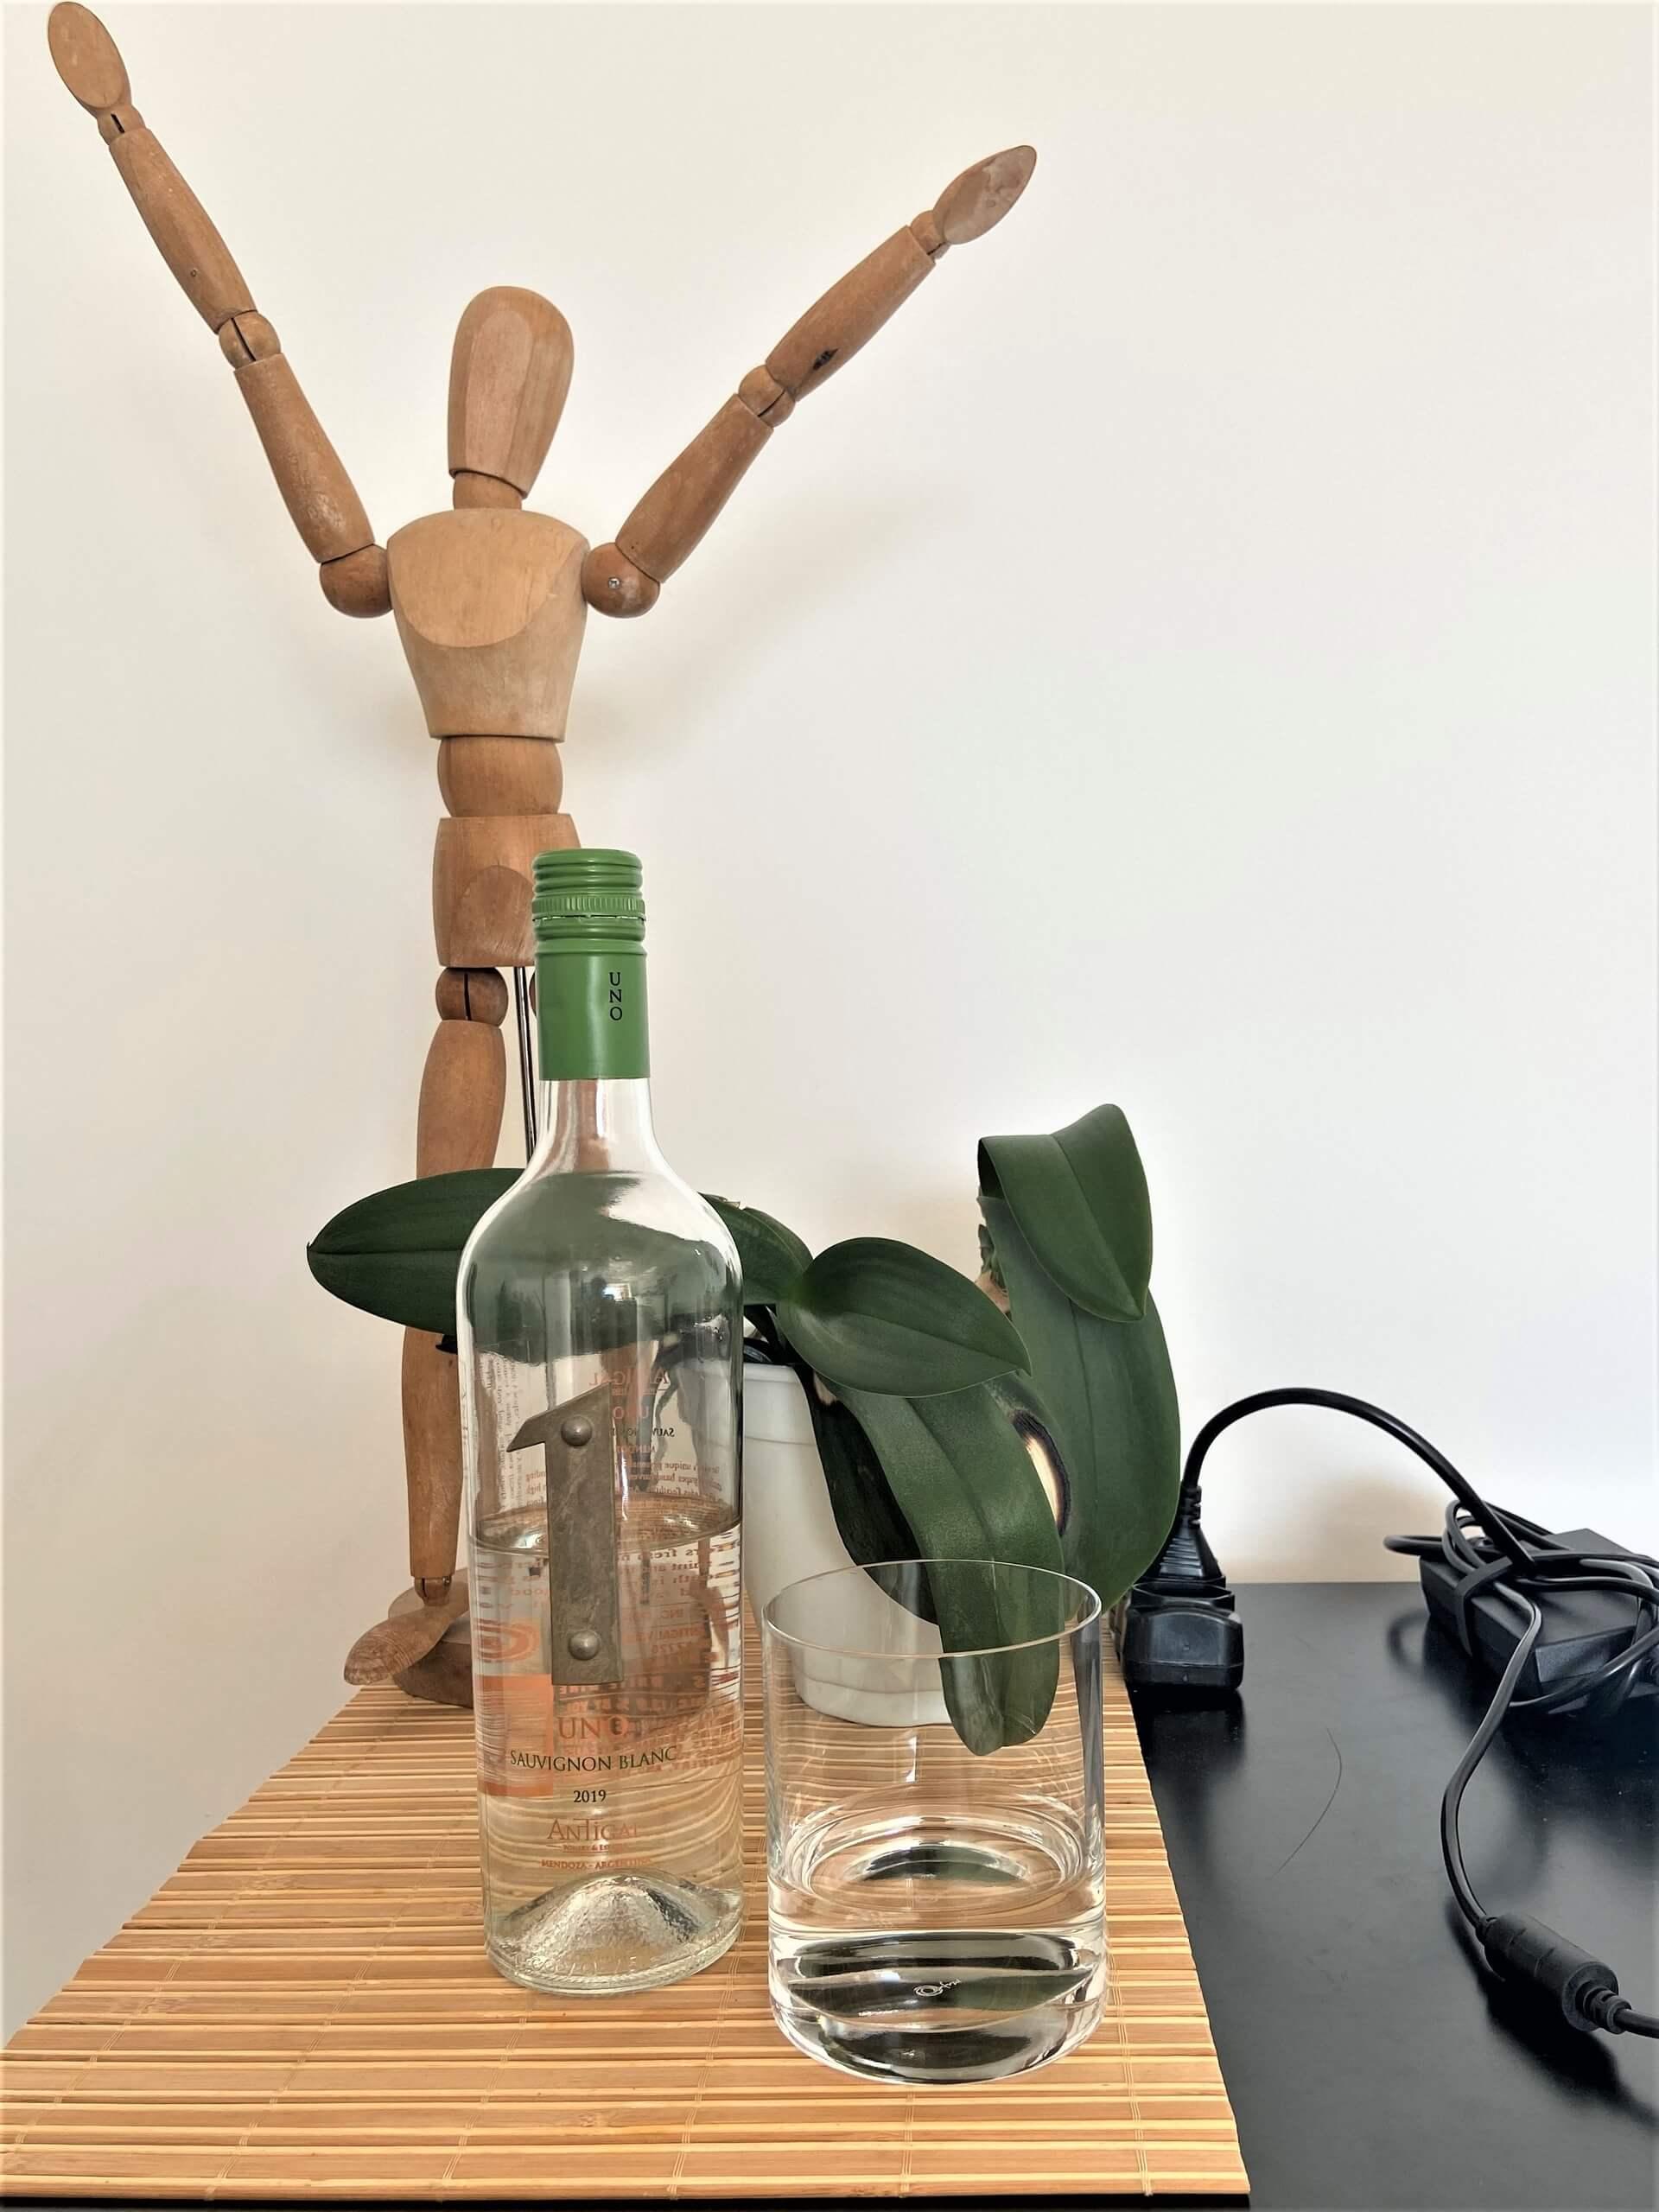 Garrafa de vinho que foi reaproveitada e utilizada como recipiente para a água e copo Oxford Clássico para On the Rocks.